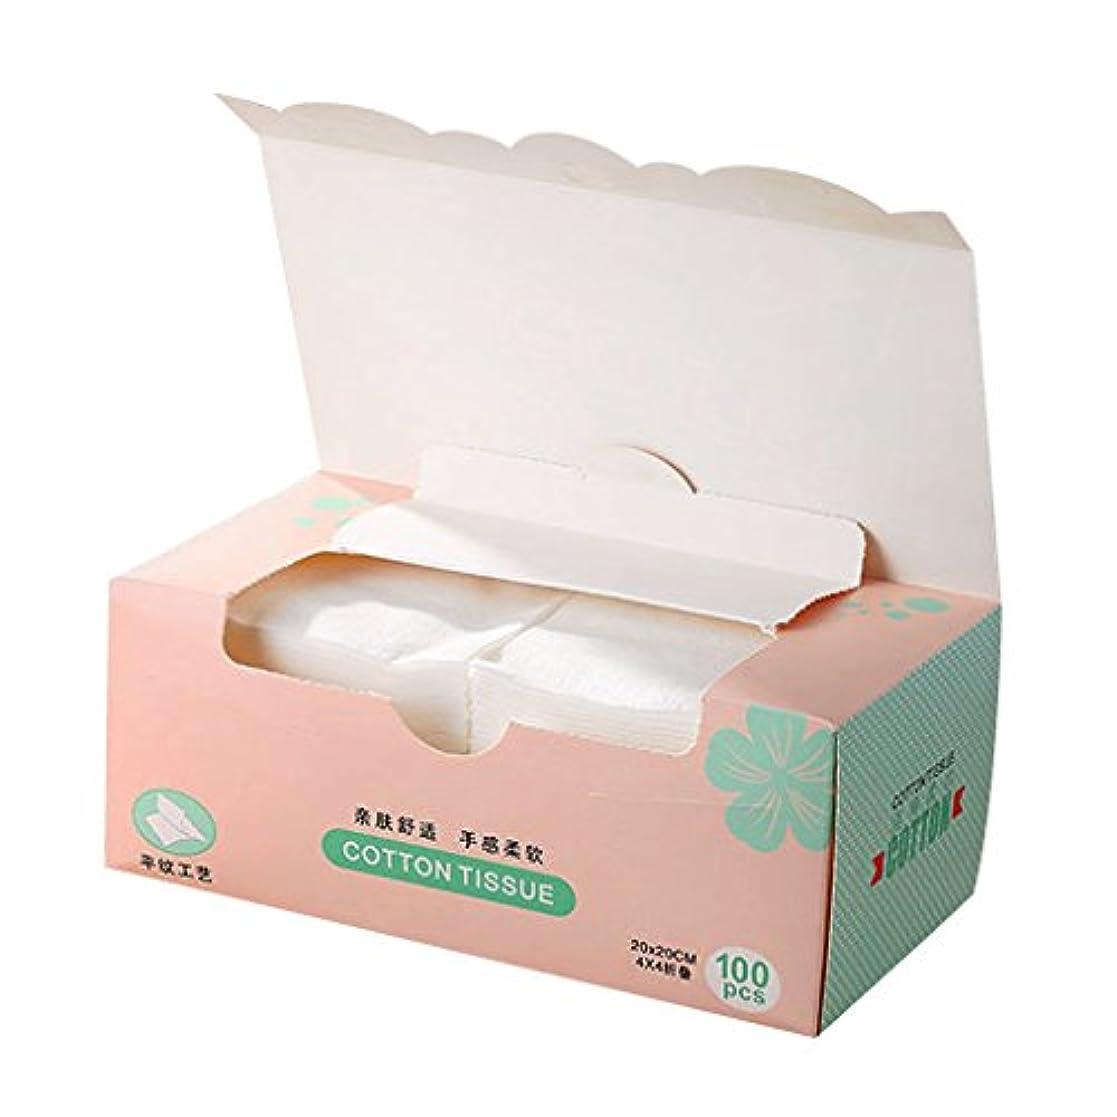 計算する重荷導出1箱 使い捨て フェイスタオル メイクリムーバー 顔用タオル 機能性 使い捨てリムー メイク